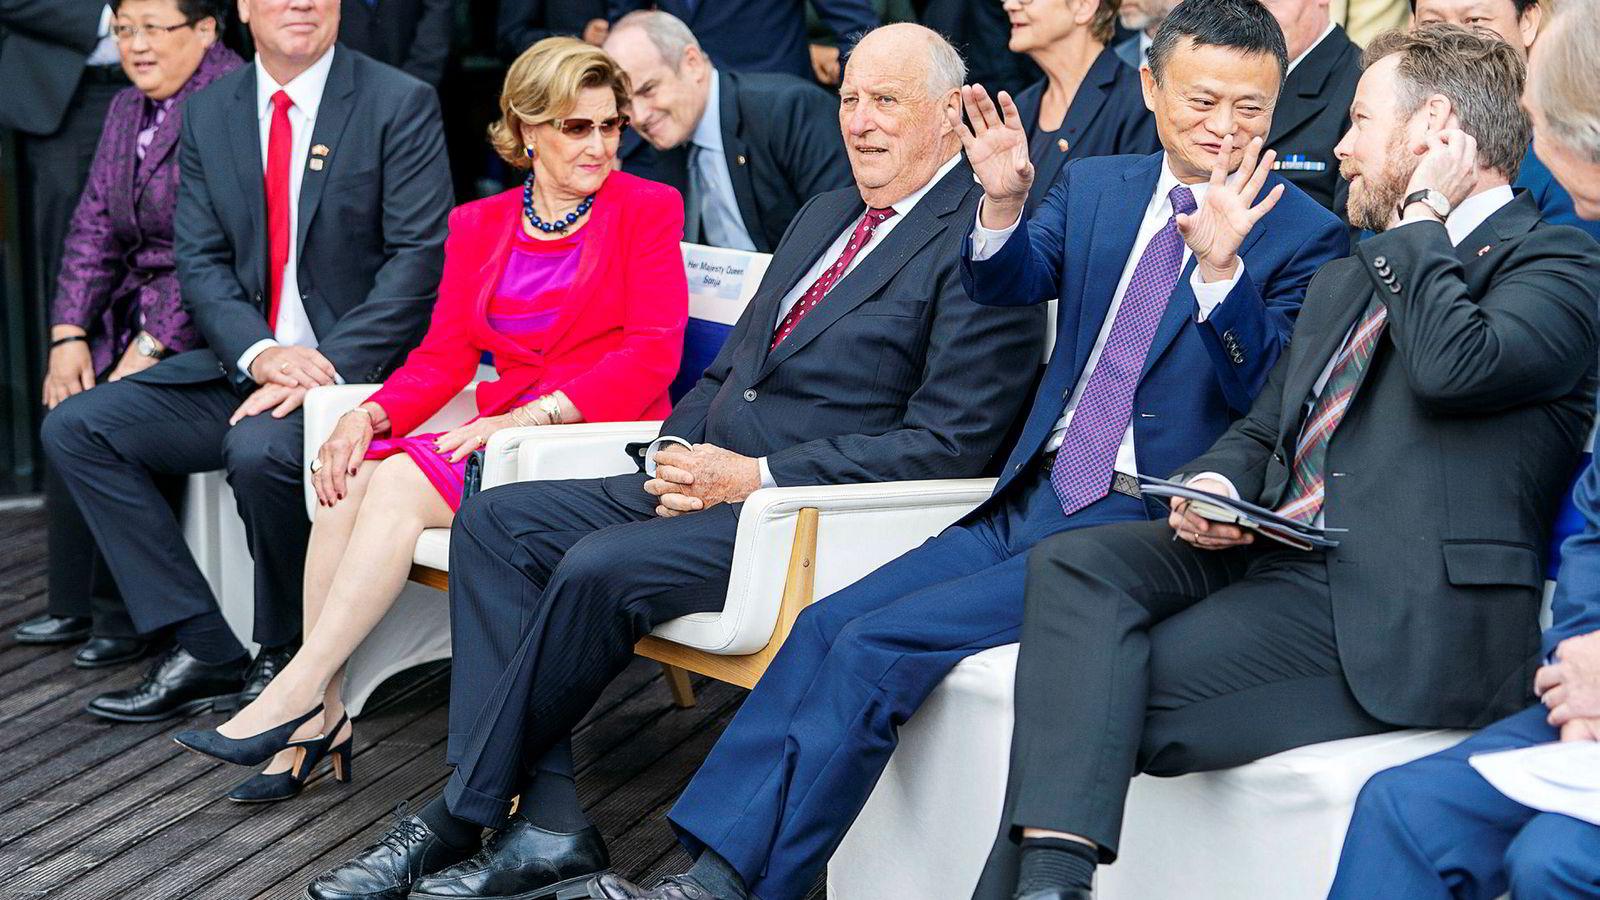 Alibaba-grunnlegger Jack Ma hadde hedersplassen da det norske kongeparten besøkte Kina i fjor høst. Asias rikeste mann mener at lange arbeidsdager er viktig og riktig – for selskaper og ansatte. «996»–kulturen diskuteres heftig på sosiale medier i Kina.